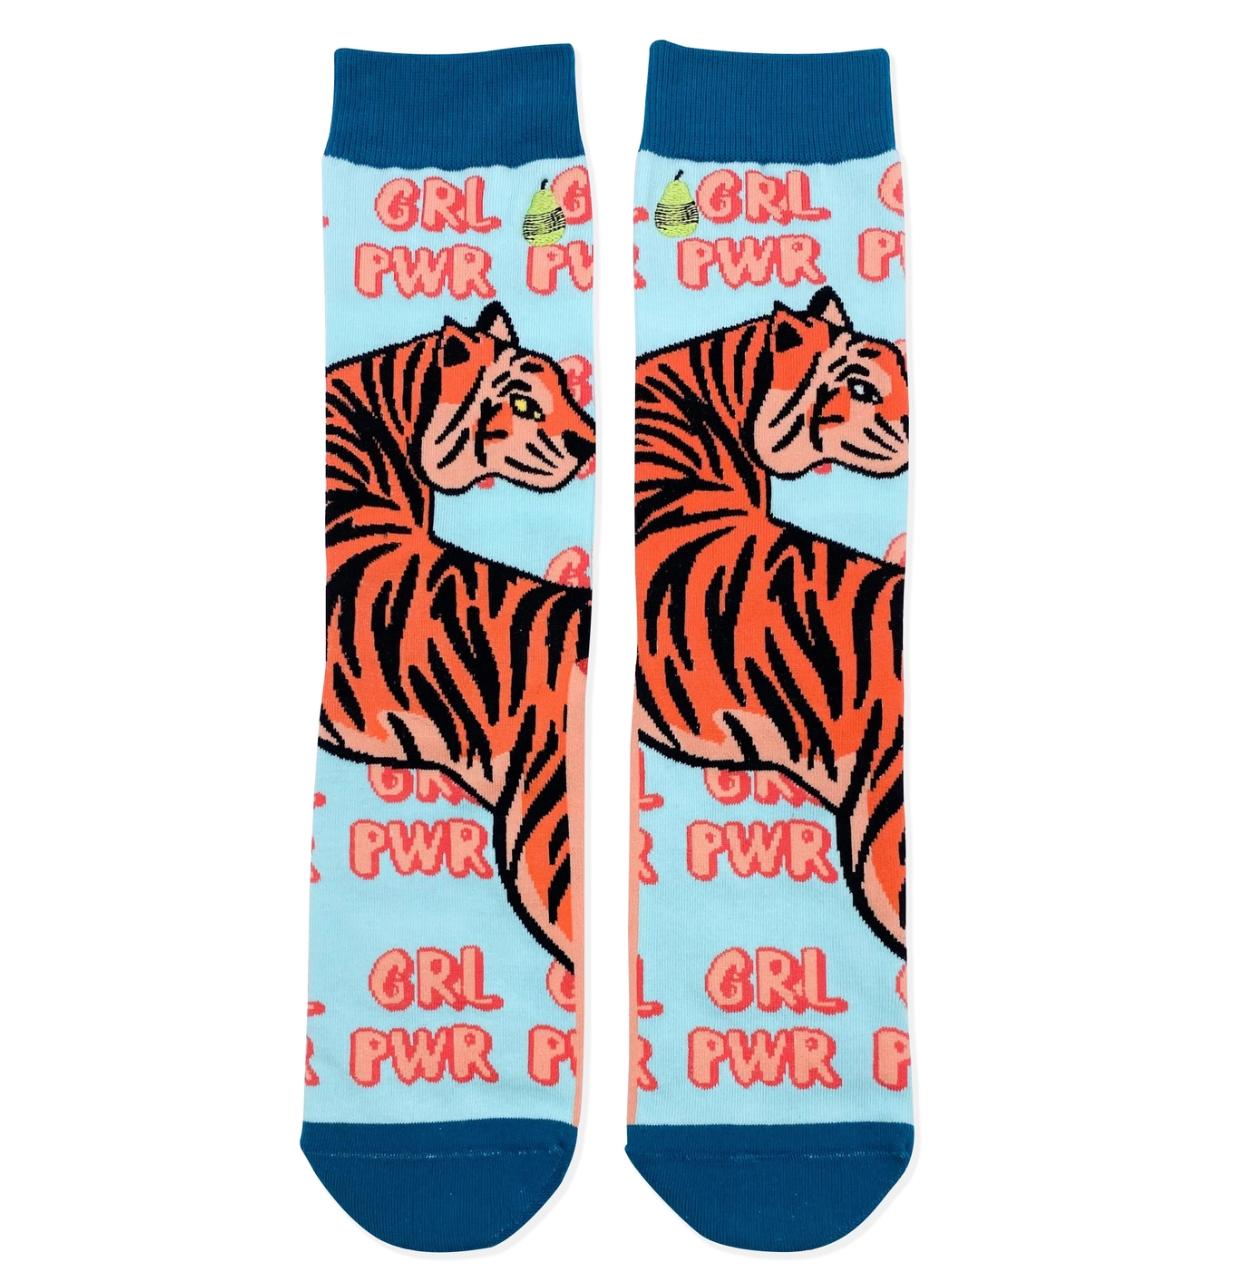 Woven Pear GRL PWR Socks